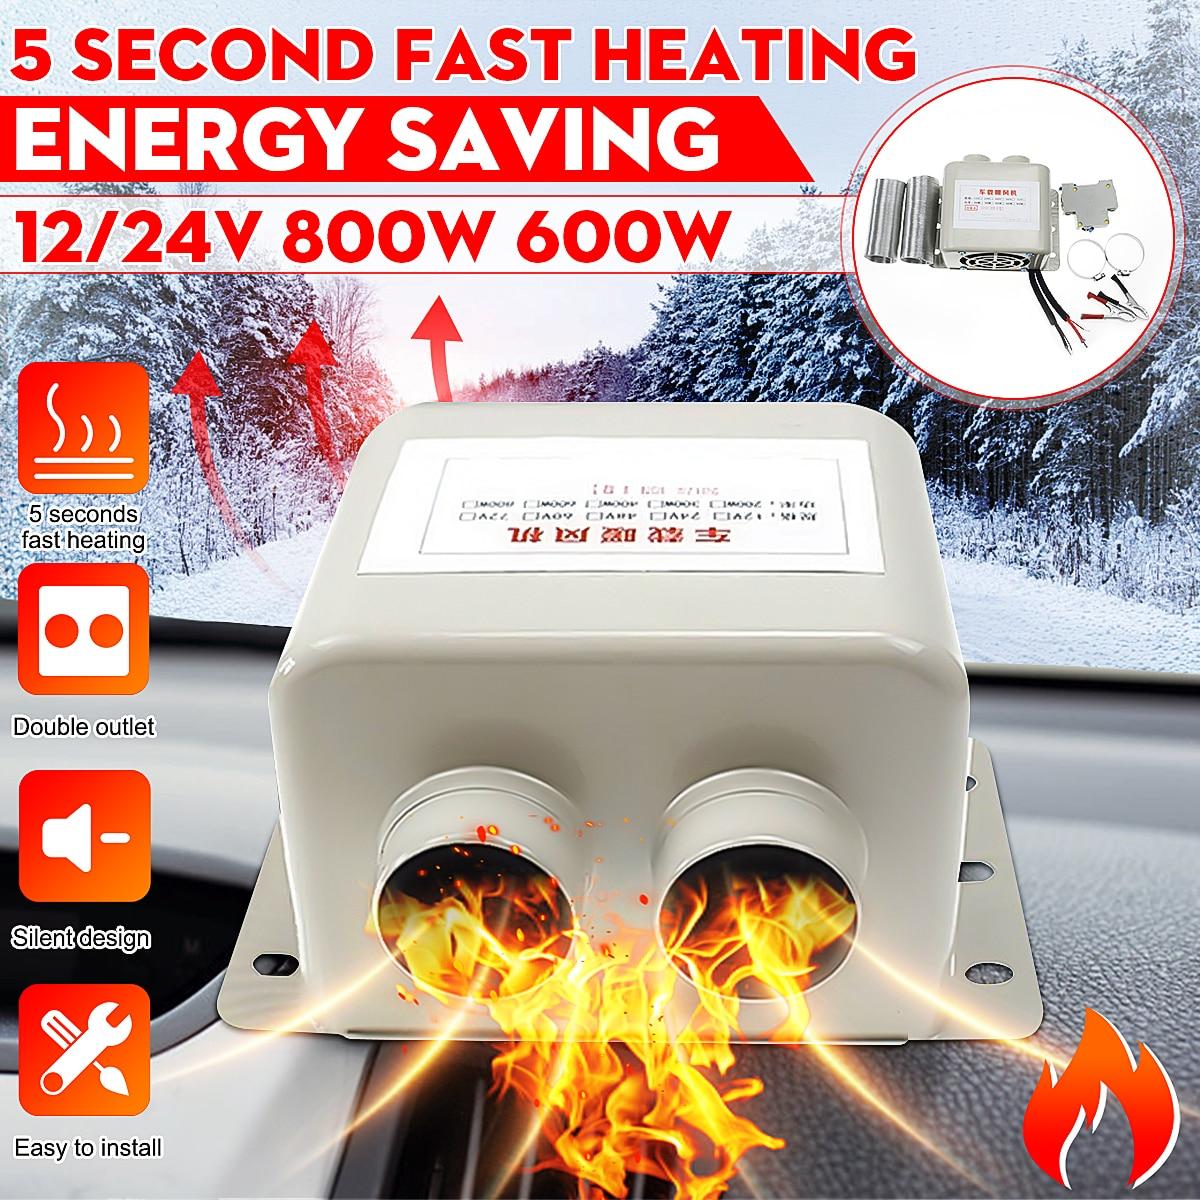 12V 24V 600W 800W Car Heater Fans Electric Heater Winter Heating Warmer Windscreen Seat Window Defroster Demister Truck RV Boat